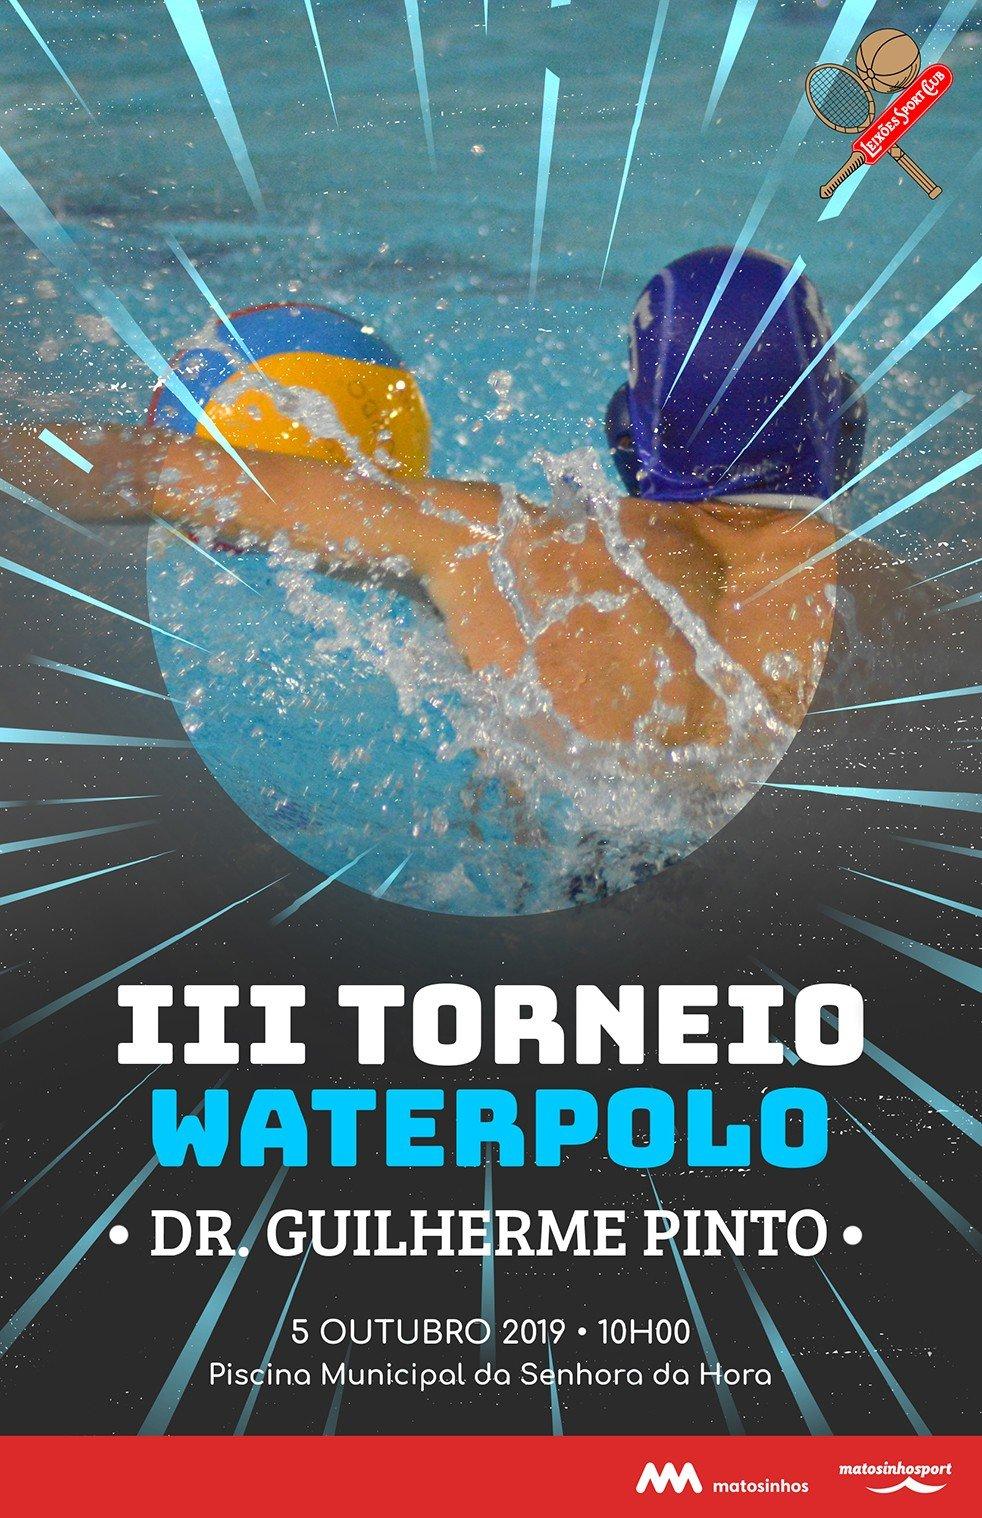 III Torneio Waterpolo